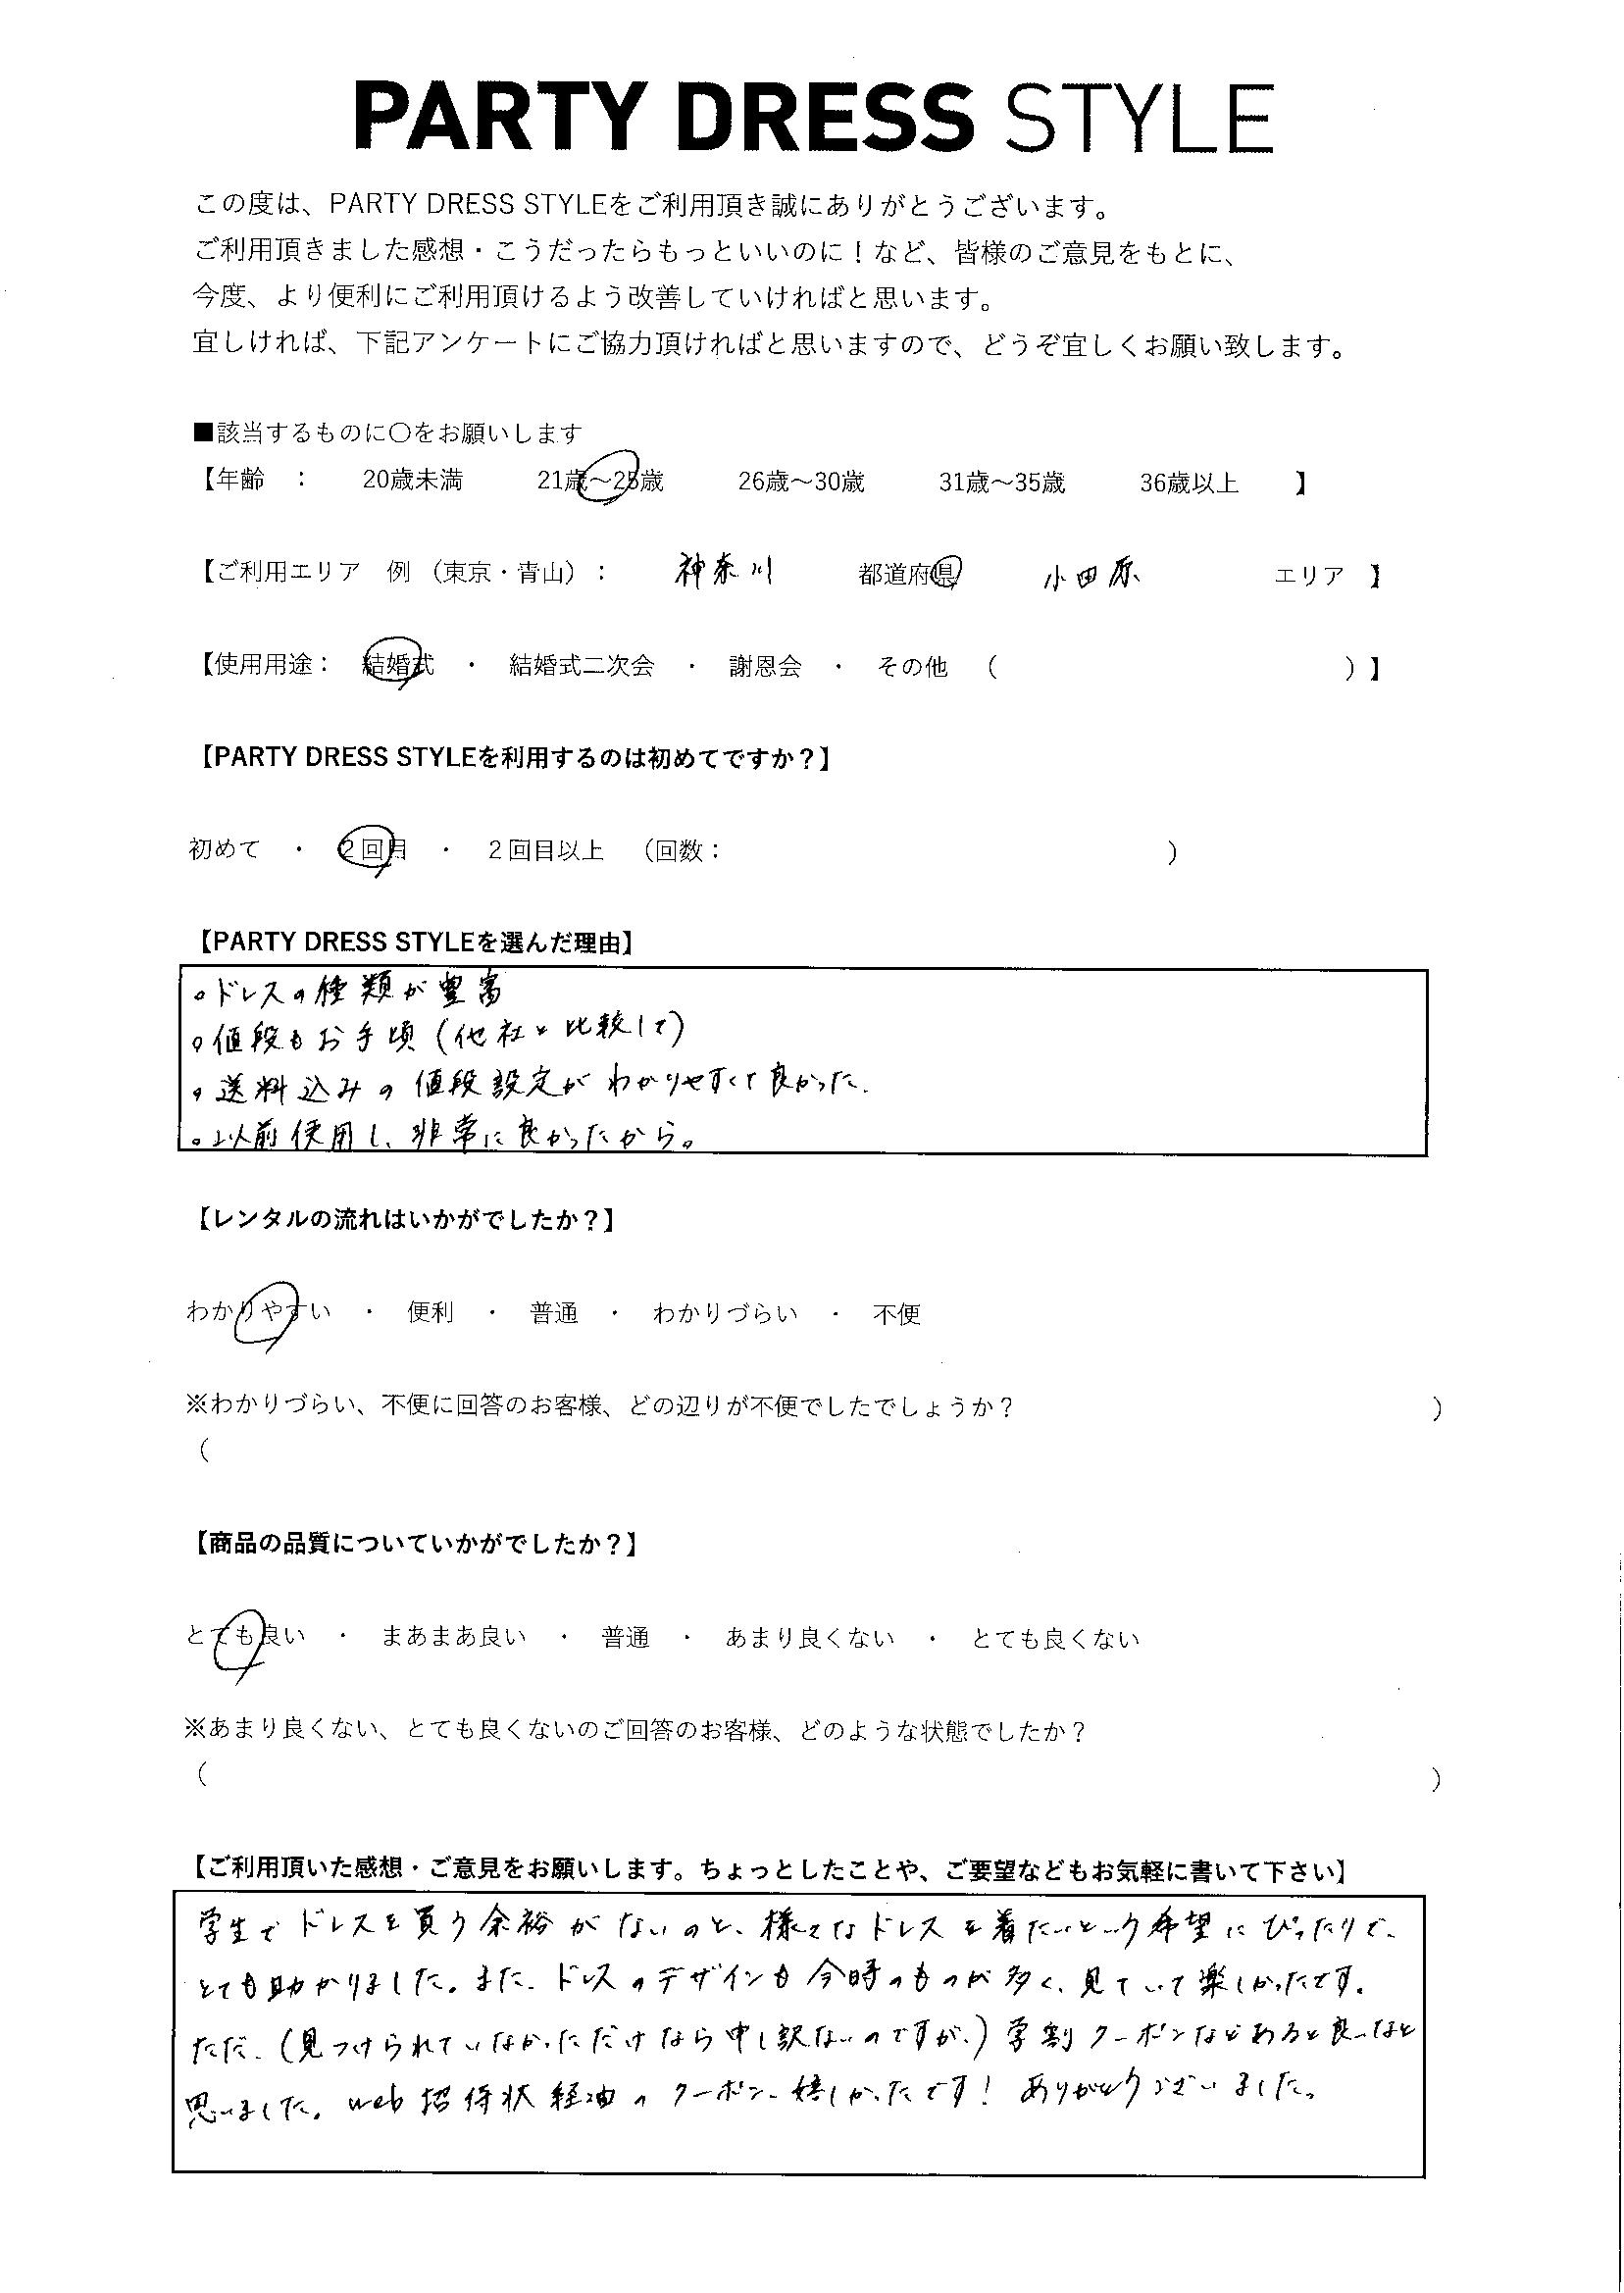 4/10結婚式ご利用 神奈川・小田原エリア